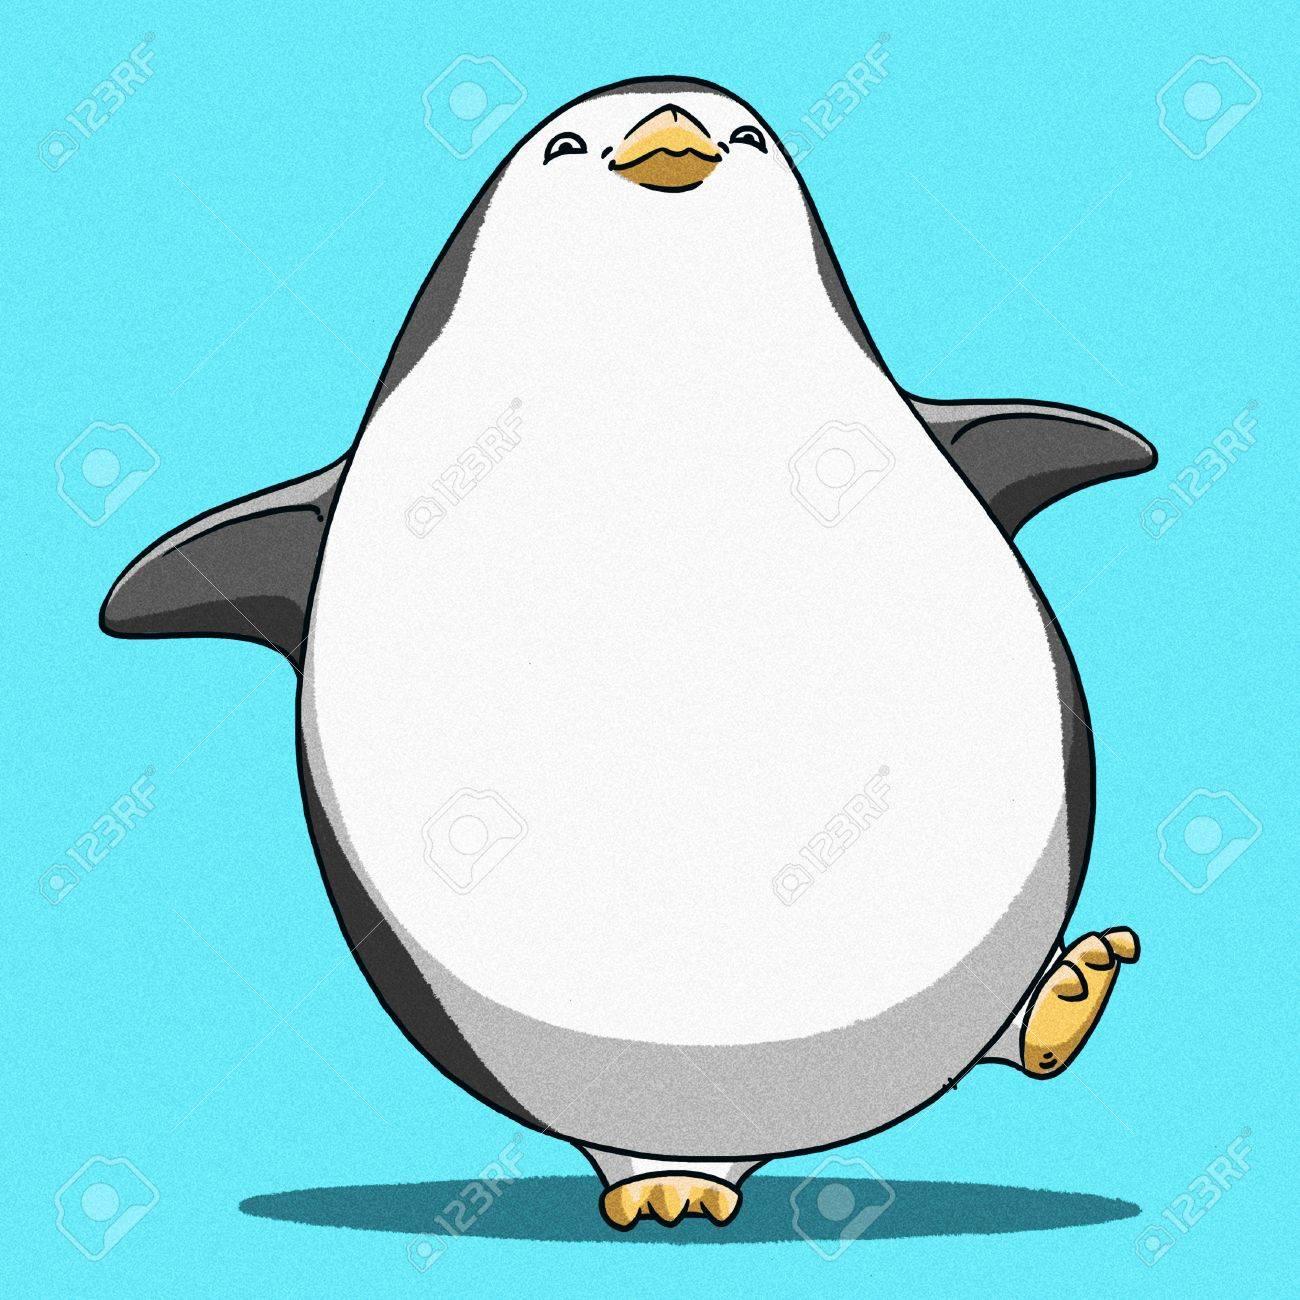 面白い漫画かわいいクールな皇帝ペンギン イラスト の写真素材 画像素材 Image